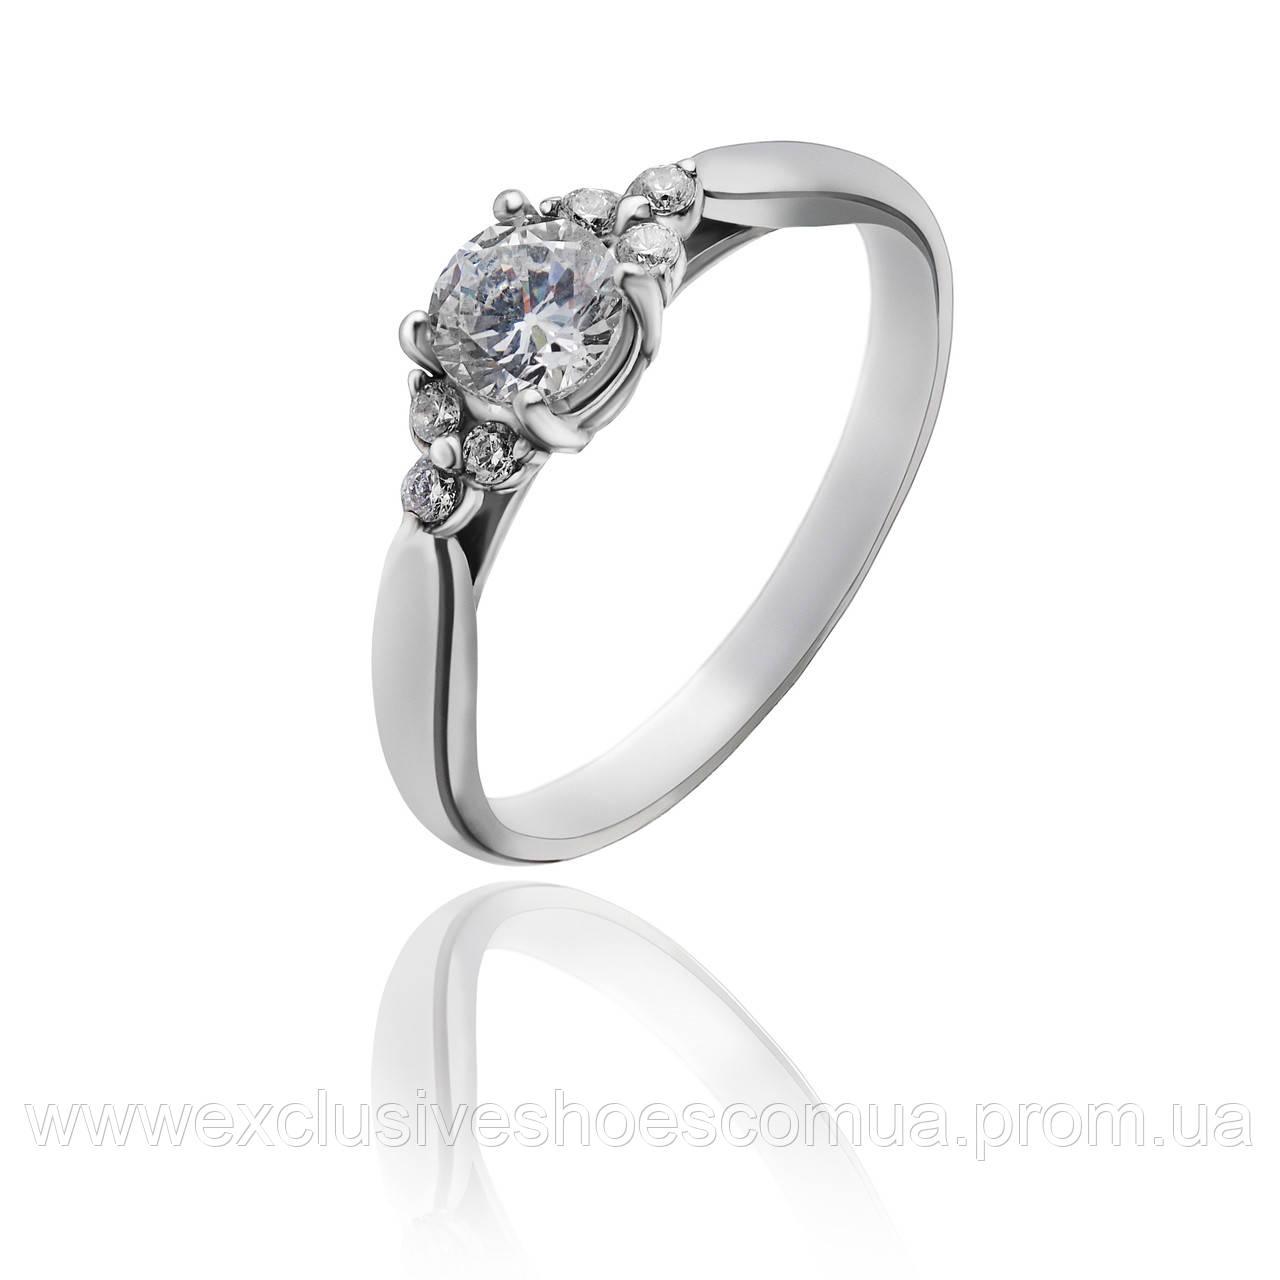 """Серебряное кольцо """" PRINCESS"""" с фианитами арт-910068 или фианитом на выбор Белый"""